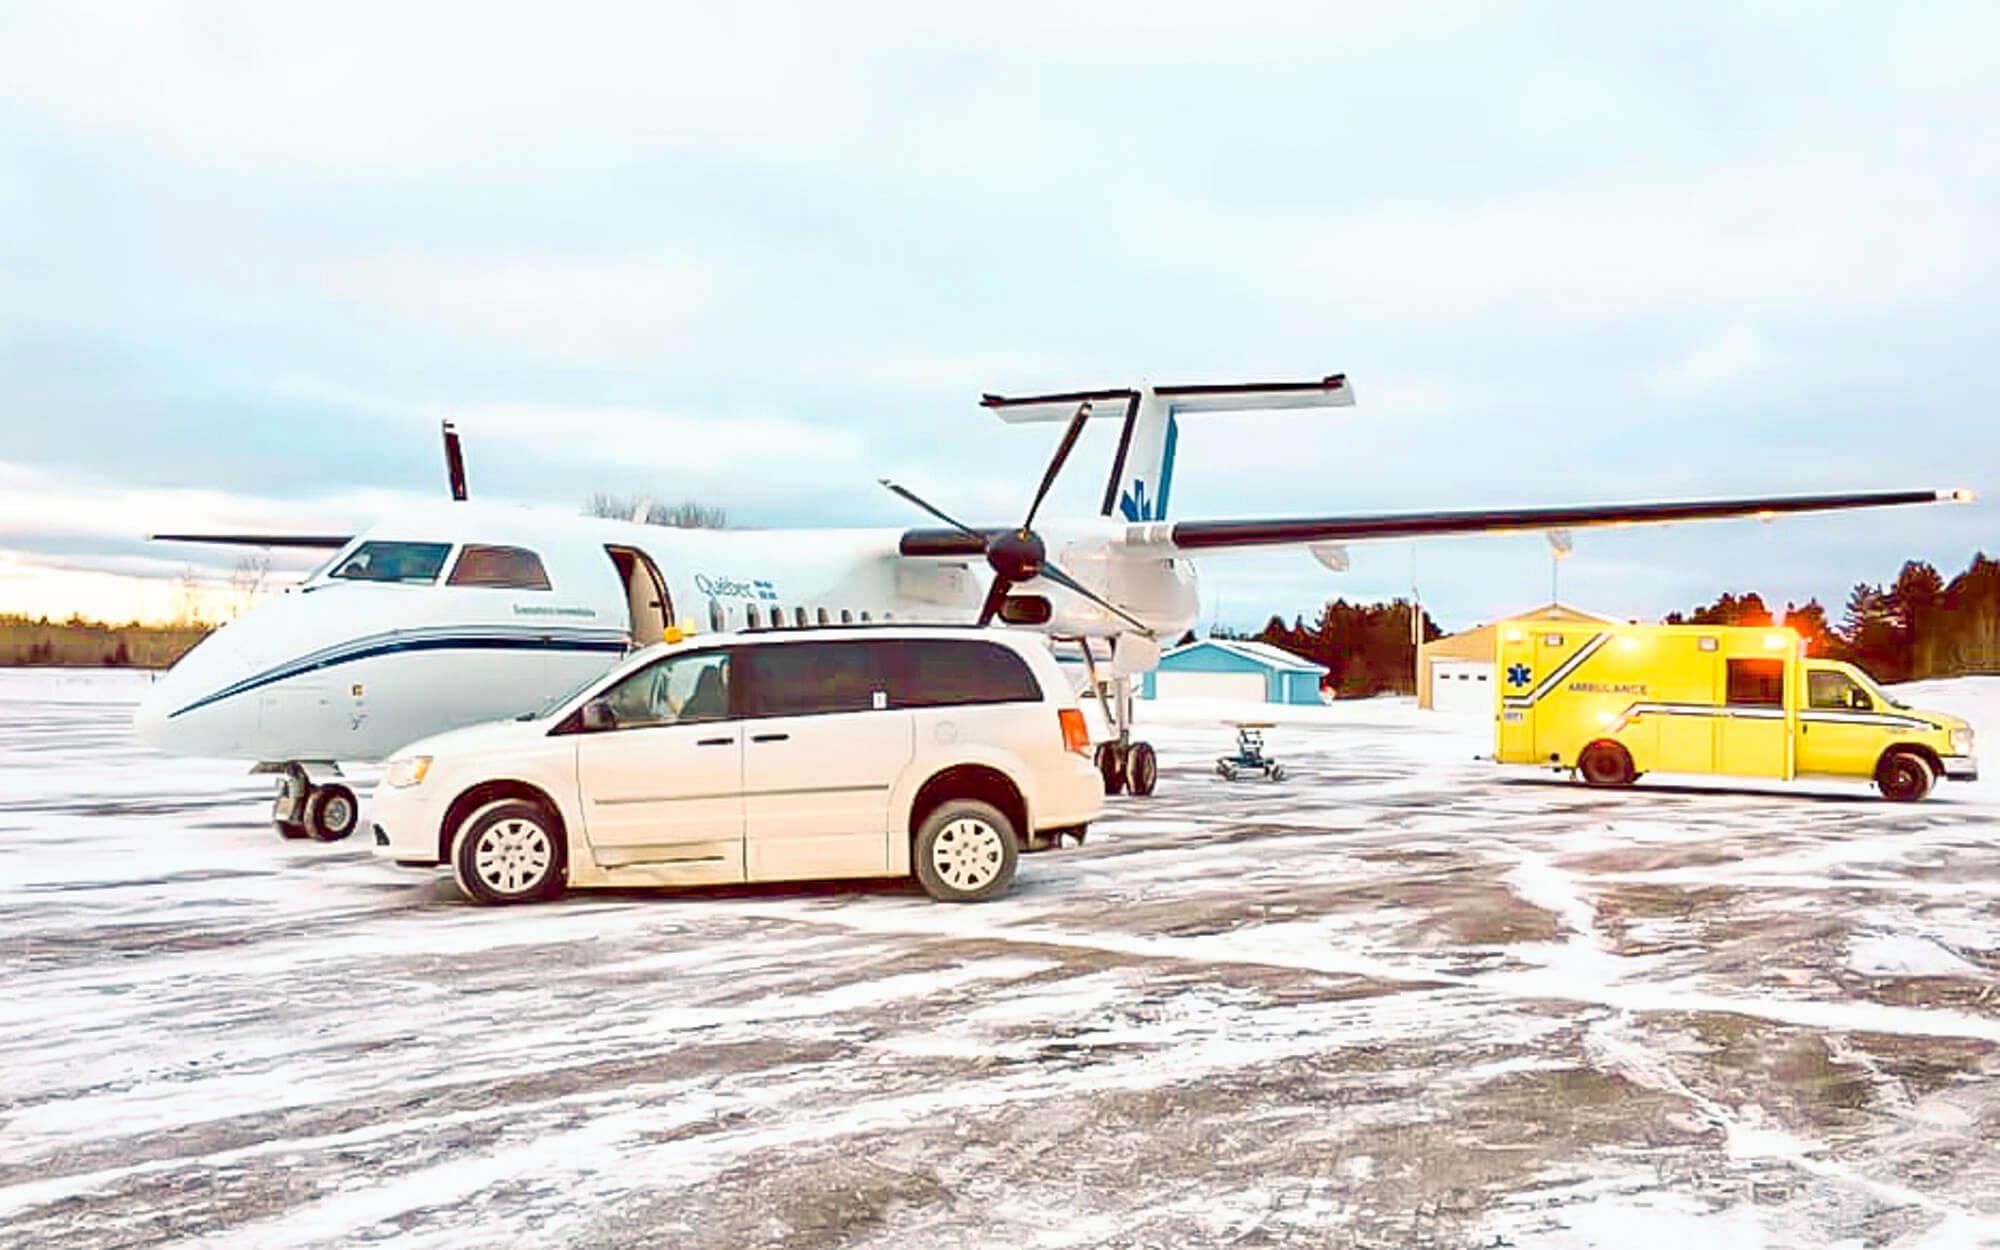 Aéroport Matane évacuation médicale